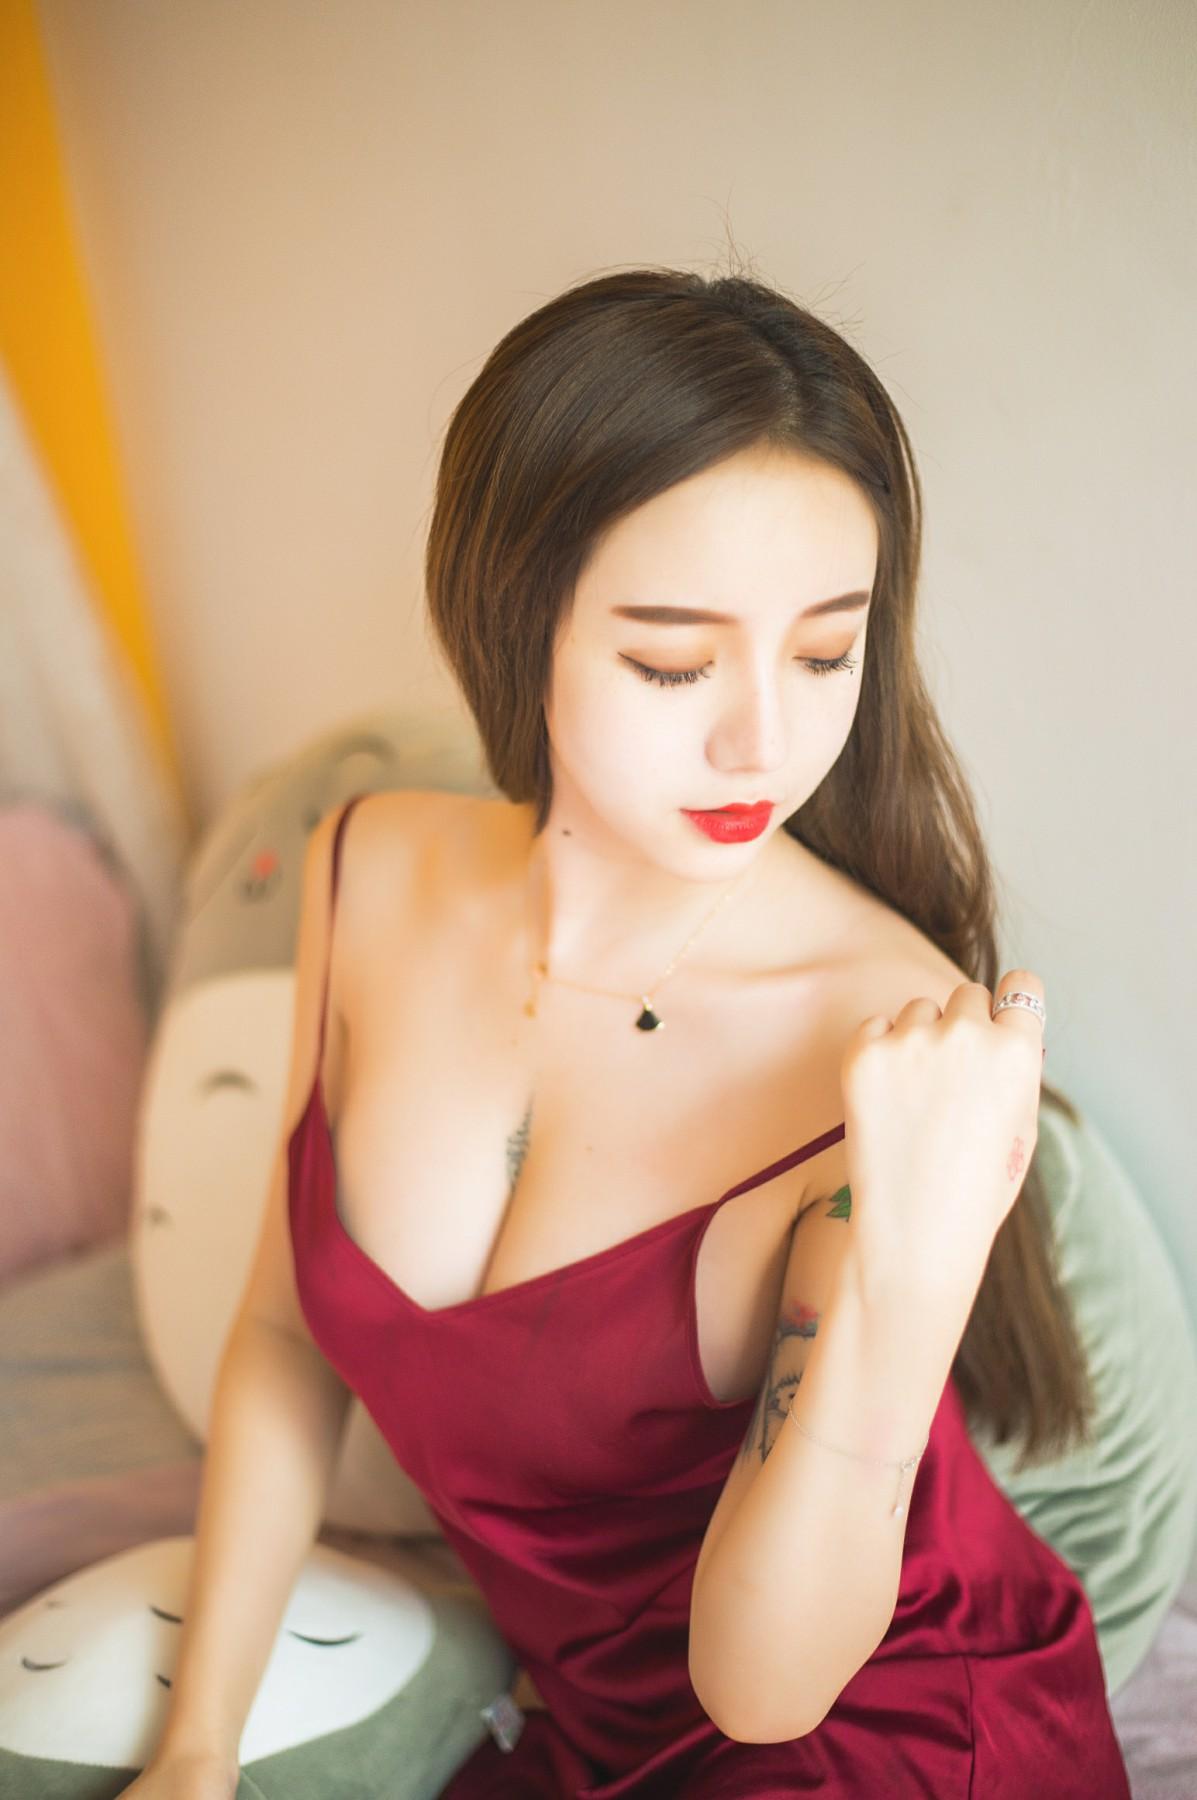 [Cosplay]洛丽塔大哥 - 吊带睡衣 第4张